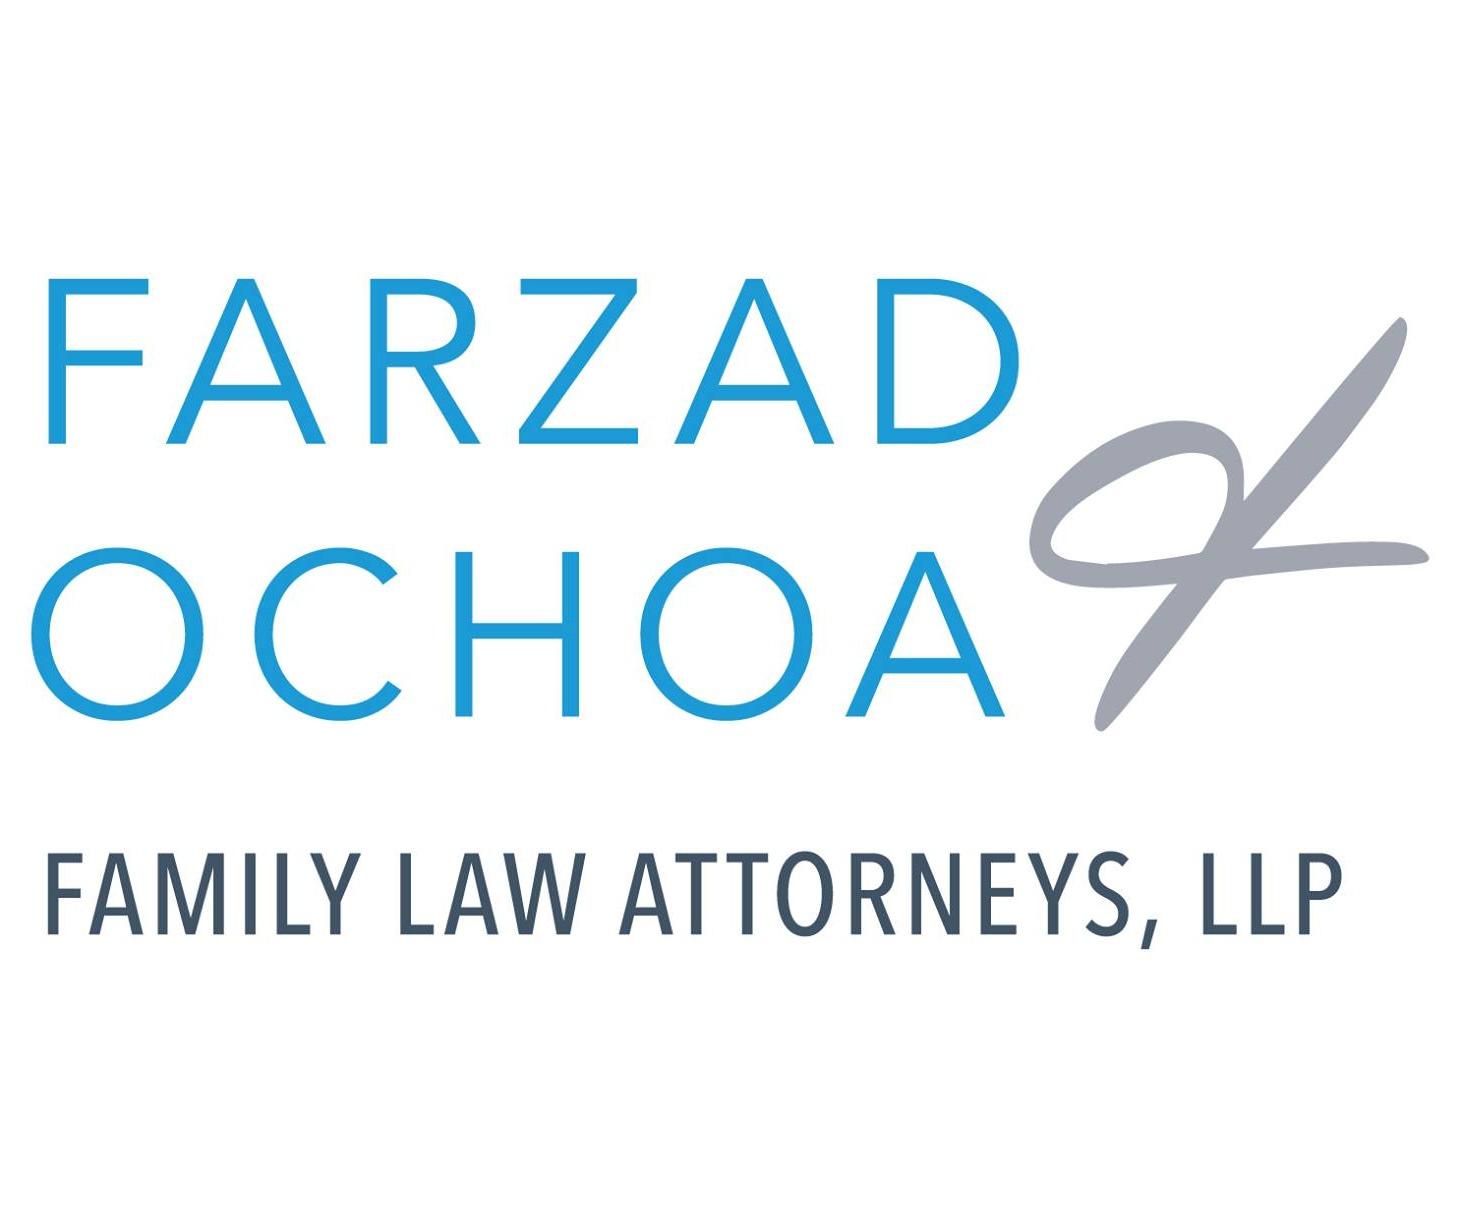 Farzad & Ochoa Family Law Attorneys LLP